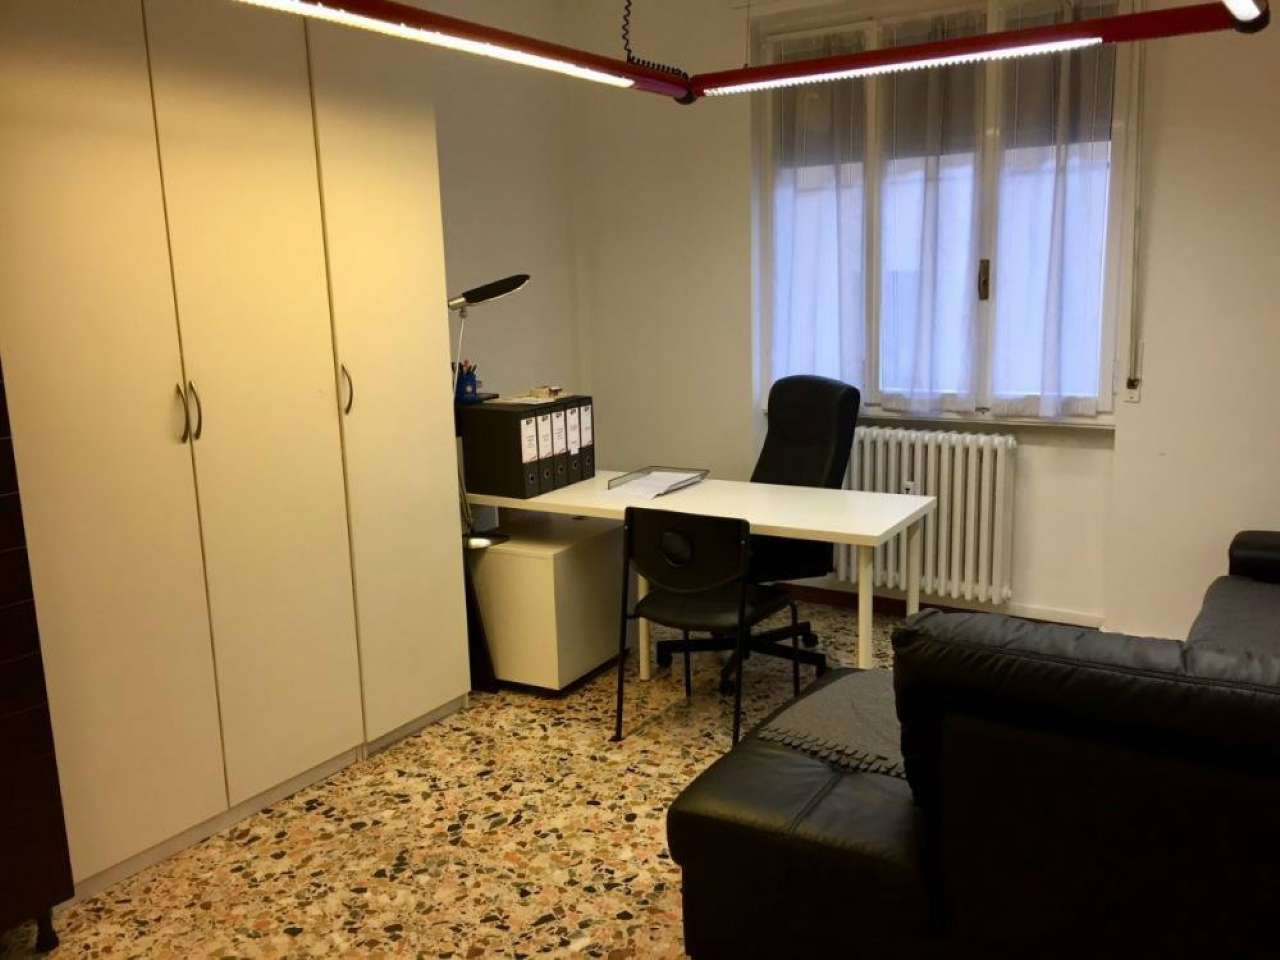 Ufficio-studio in Vendita a Corsico: 89 mq